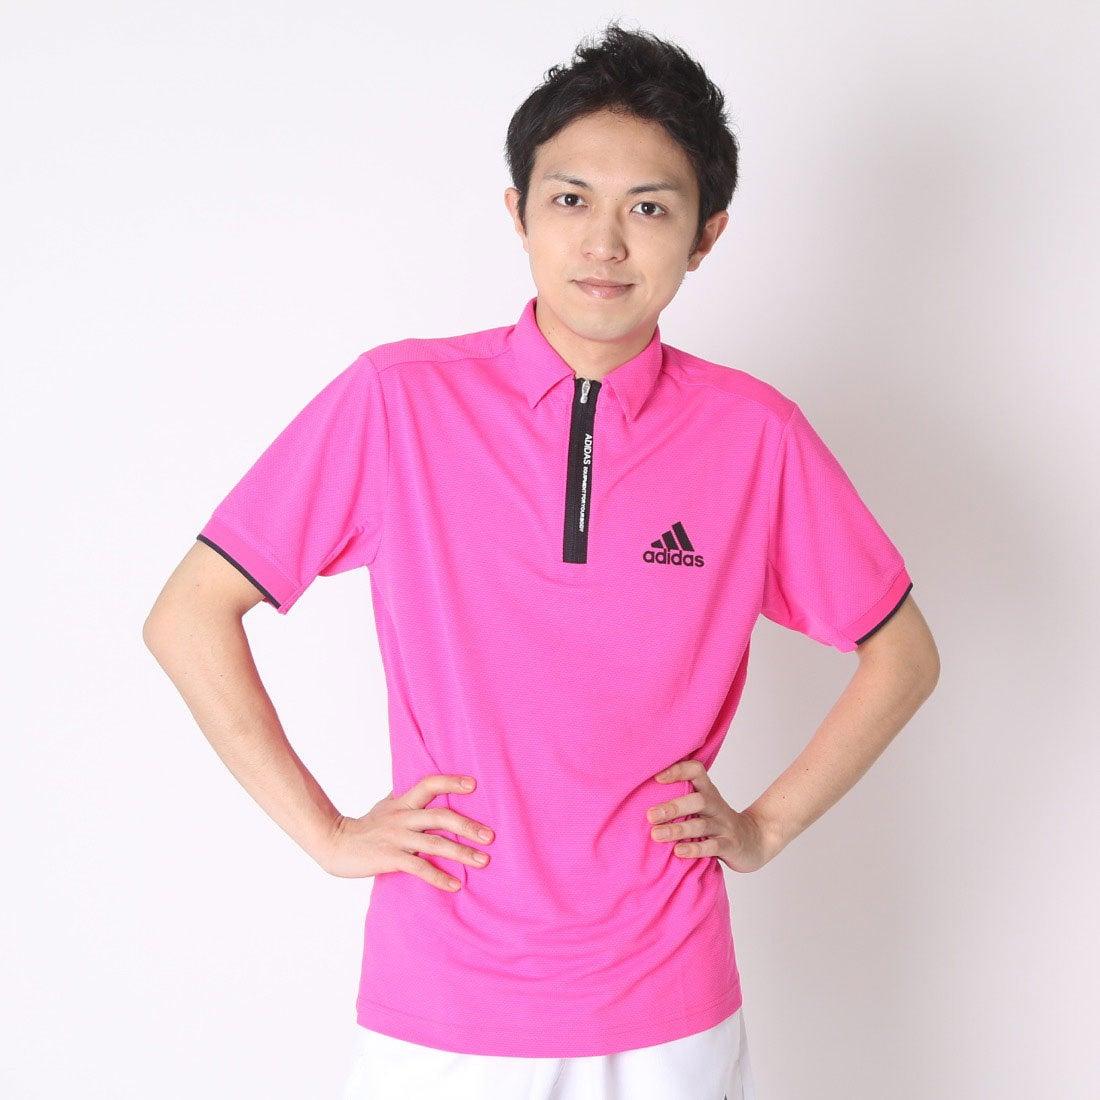 【SALE 55%OFF】【アウトレット】アディダス adidas ゴルフシャツ JP CP オーバルジャガードS/Sポロ CCG24 (ショックピンク) メンズ